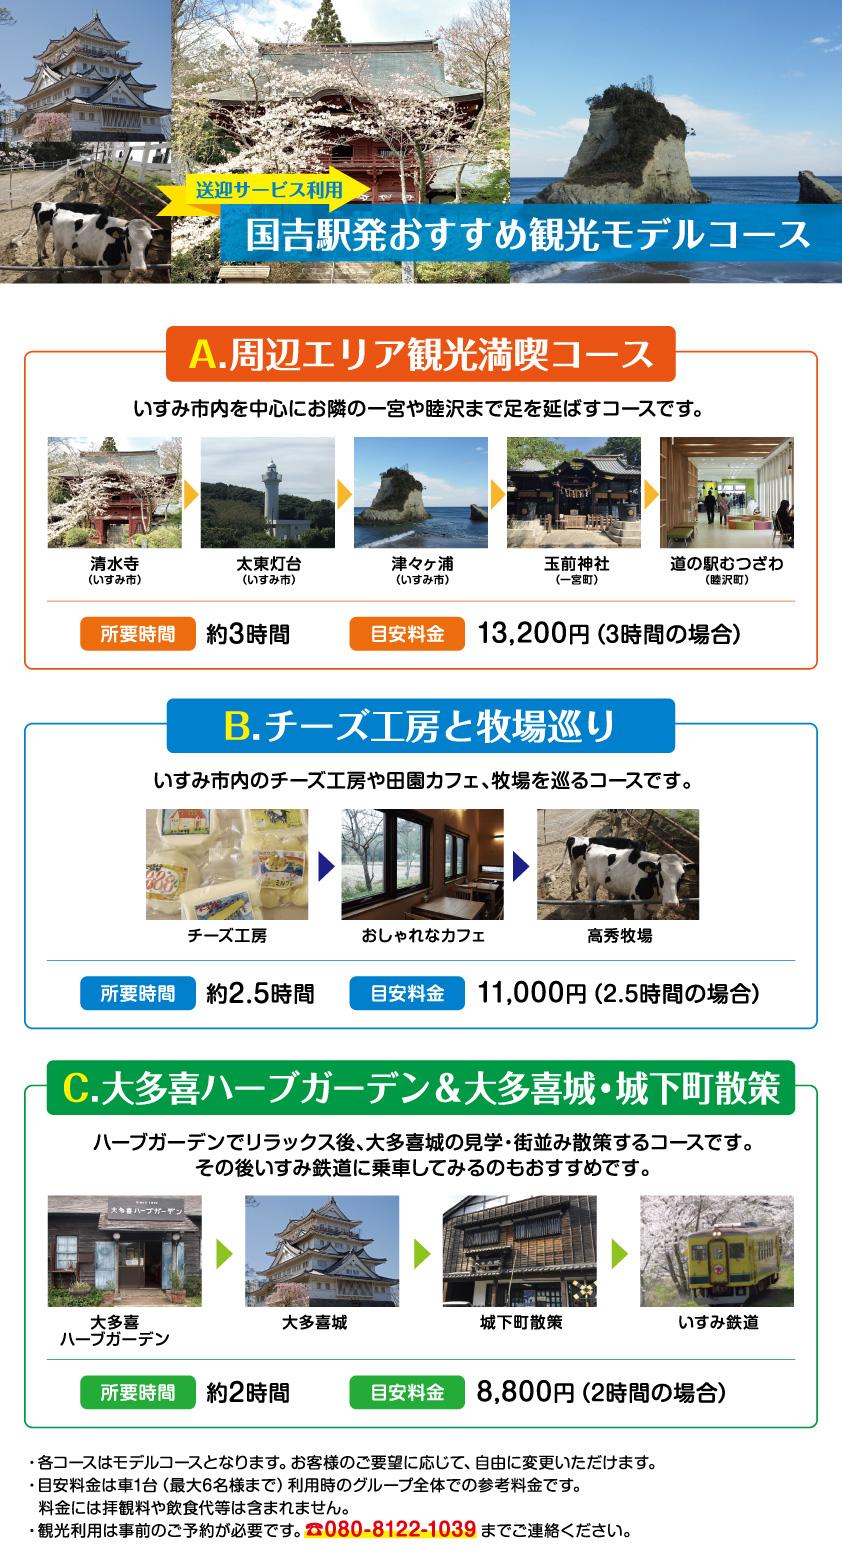 送迎サービス利用 国吉駅発 観光モデルコース